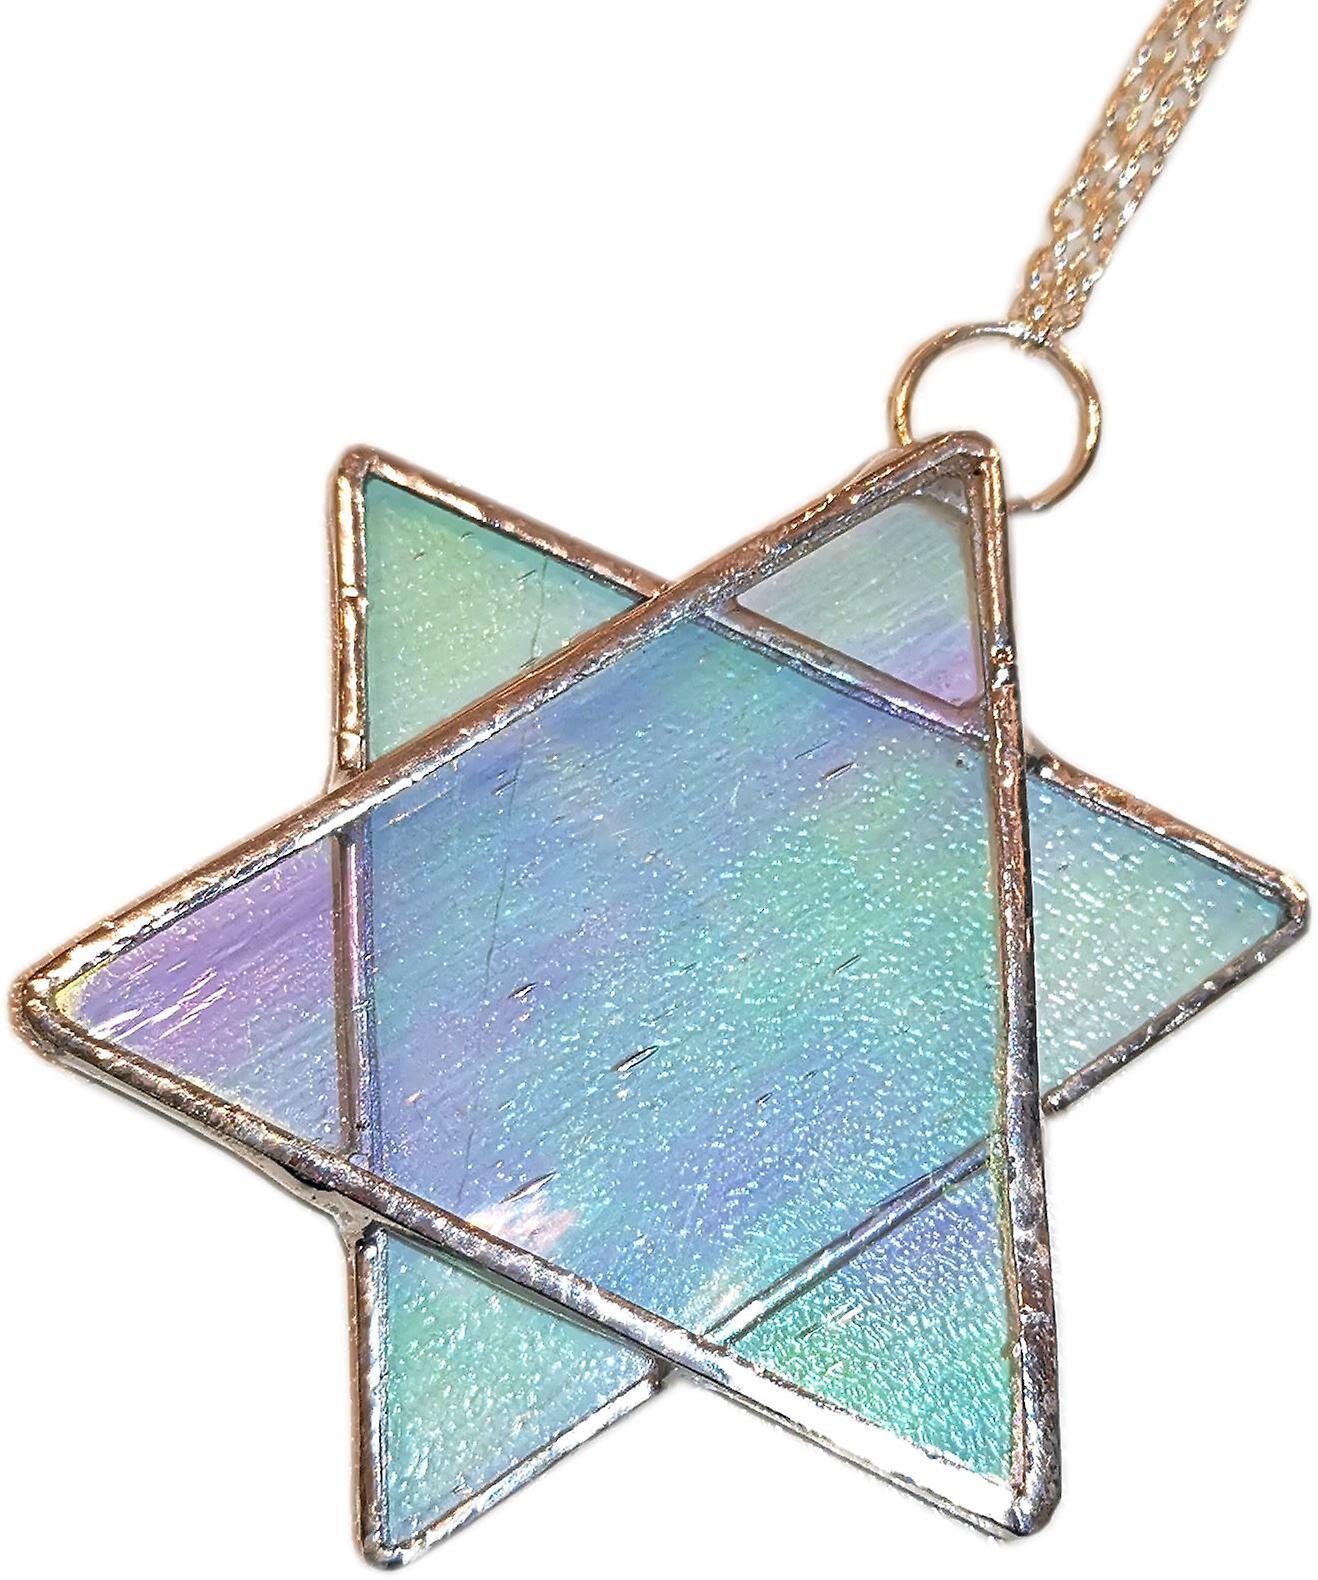 Simmerdim Design Stained Glass Star Window Hanger Irredescent